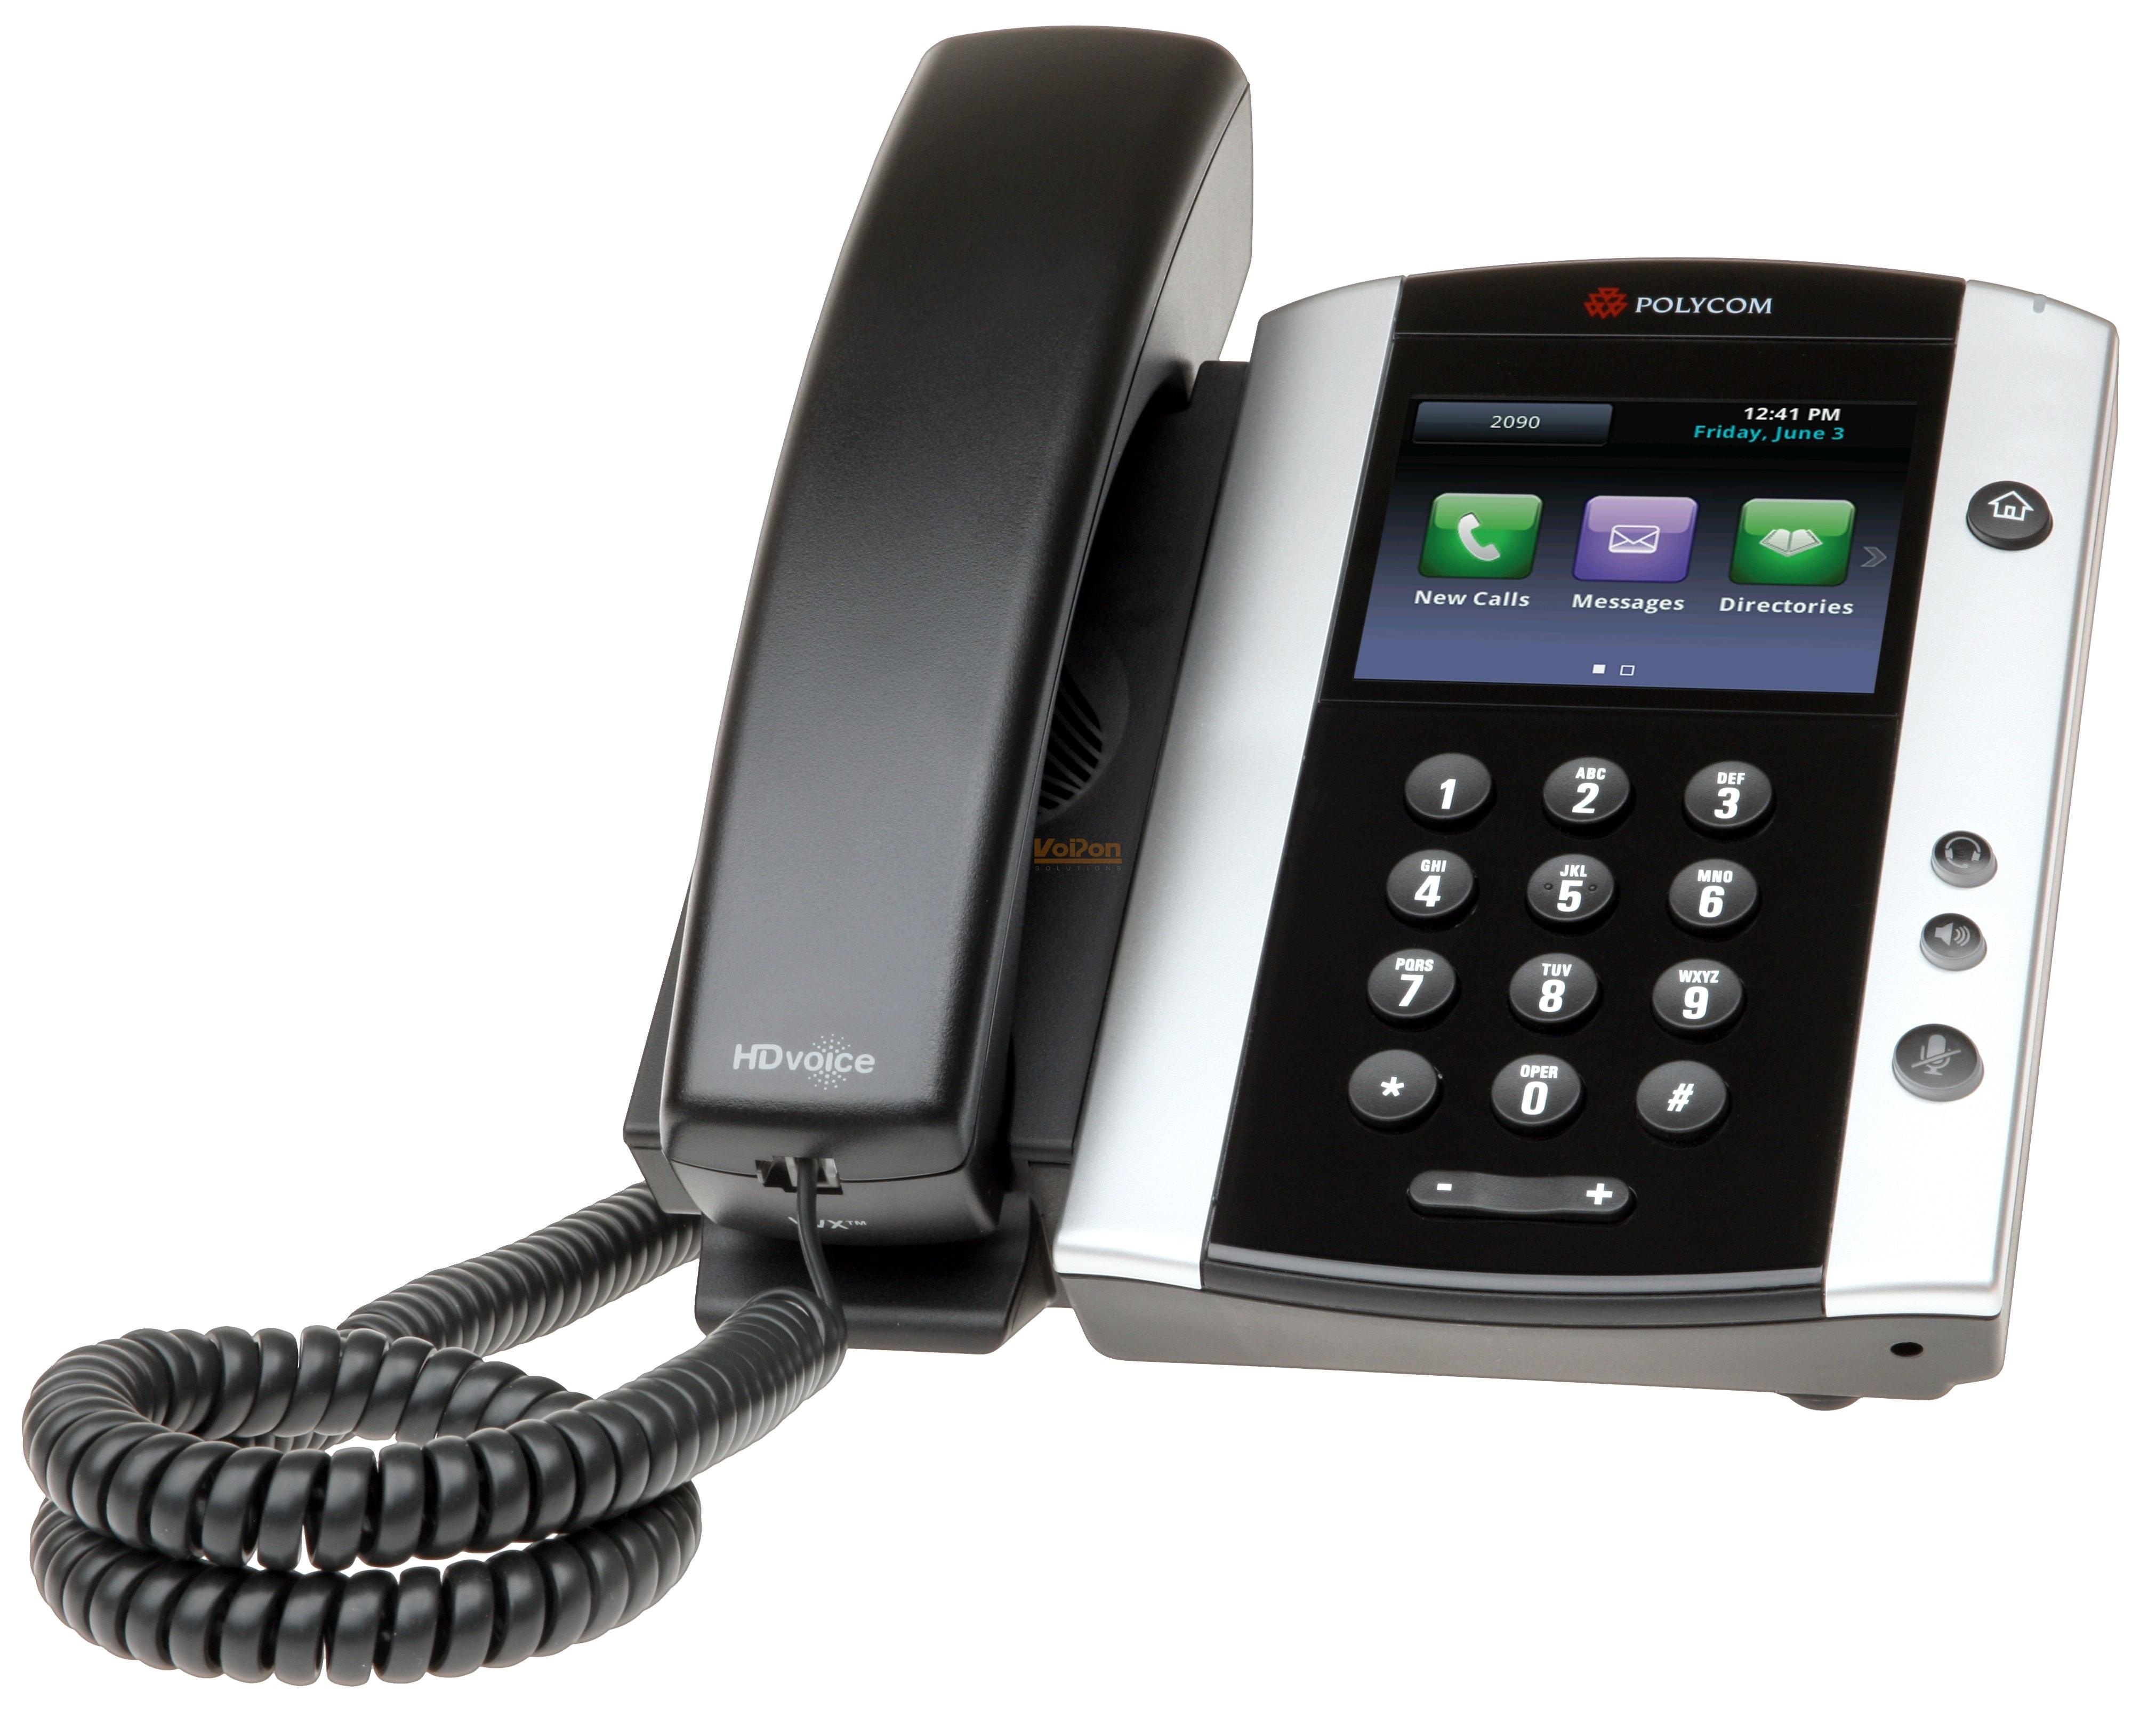 Polycom Vvx 500 Gigabit Business Media Phone Vvx500